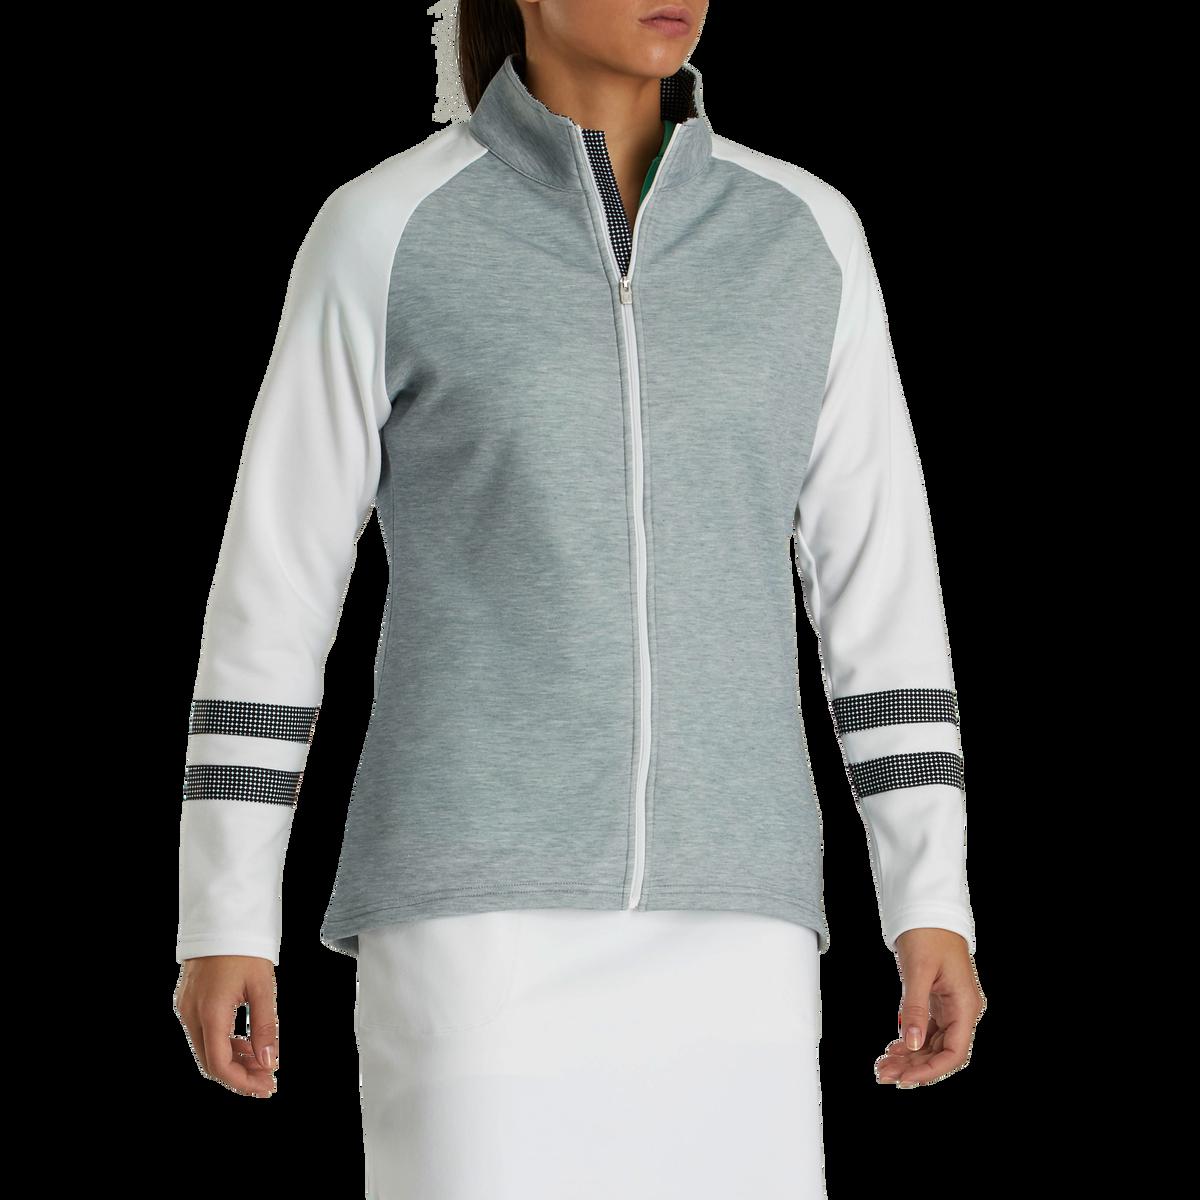 Full-Zip Raglan Color Block Mid-Layer Women